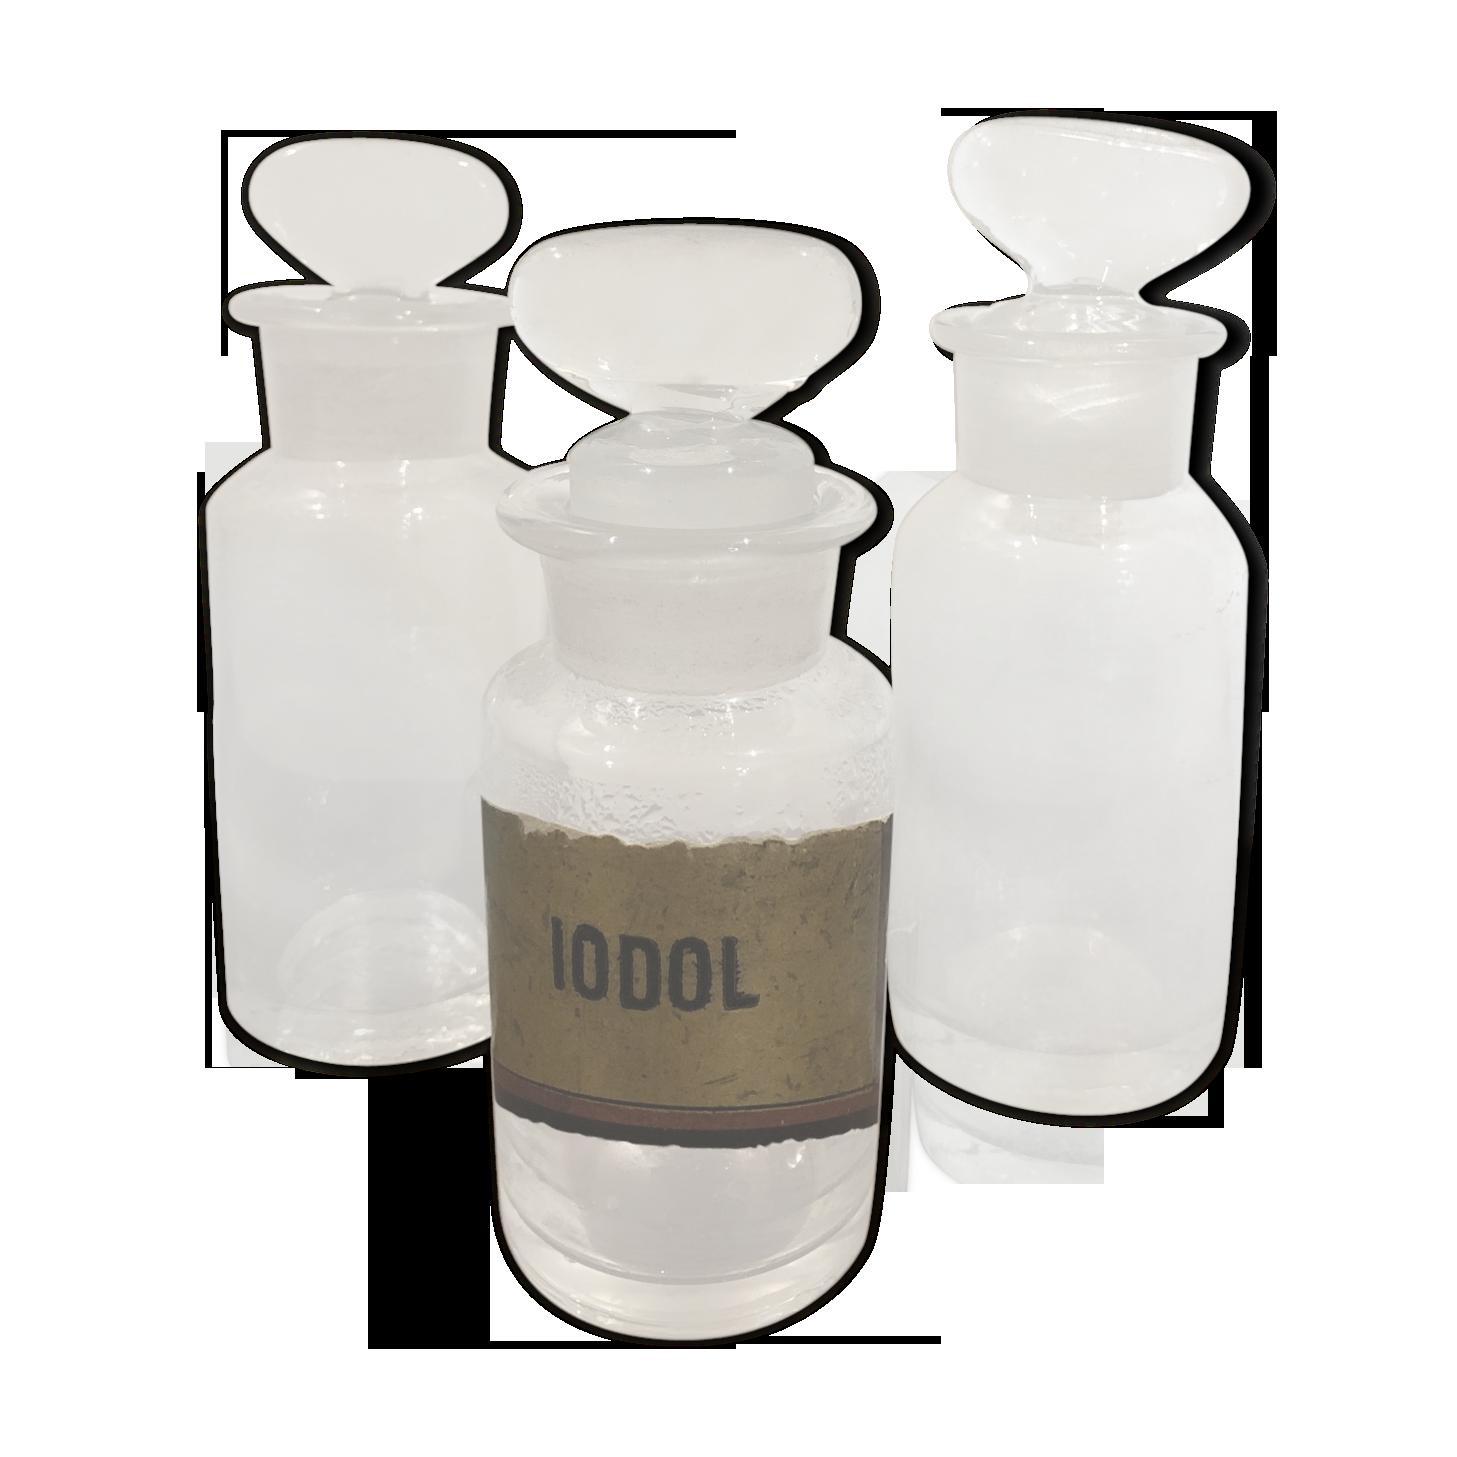 Leorx Lot de 4 /éprouvettes en plastique transparent Mesures gradu/ées bleues Cylindre Tube /à essai de laboratoire